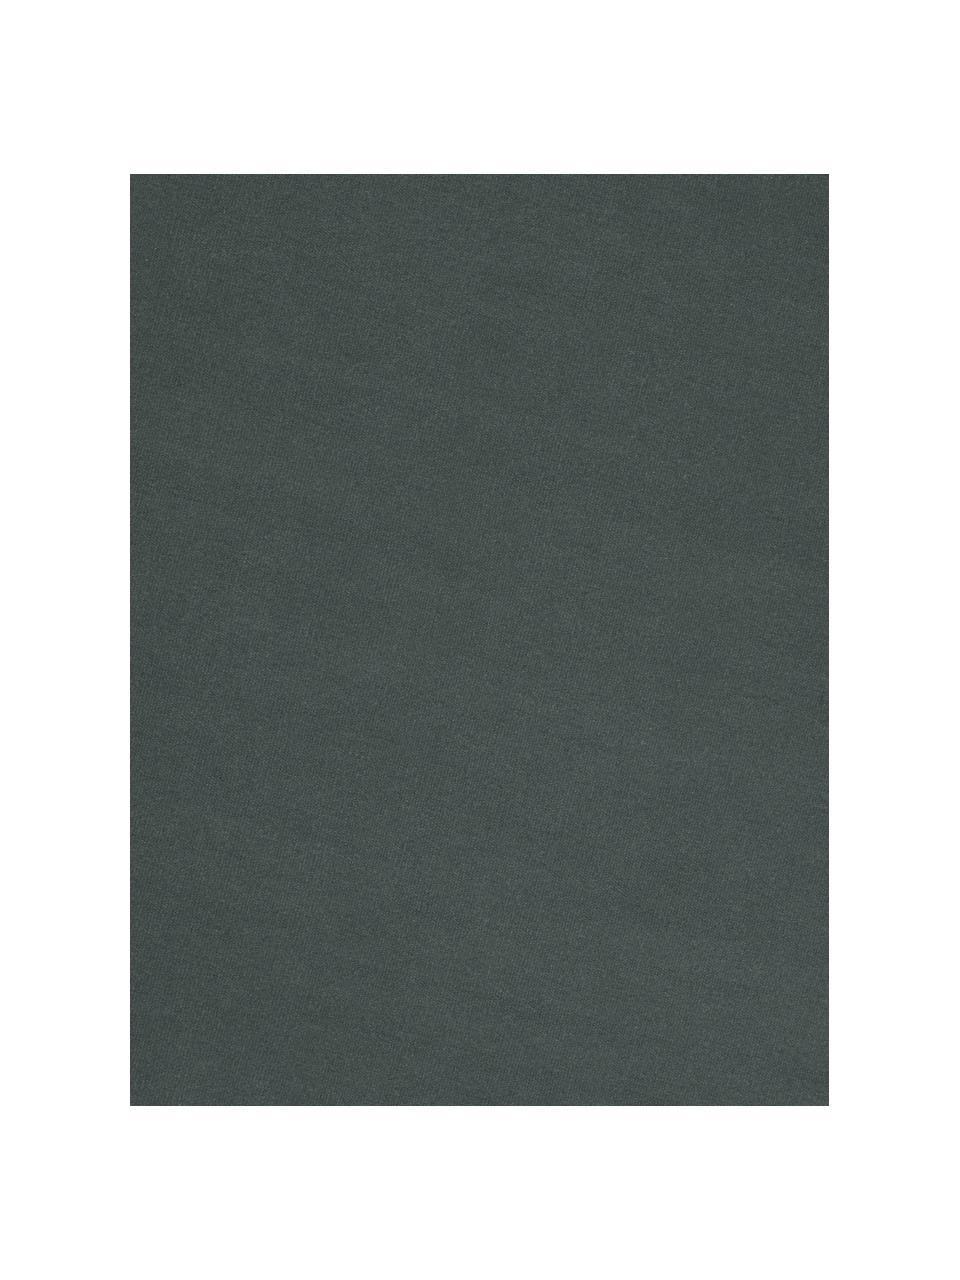 Handgewebter Kelimteppich Rainbow aus Wolle in Dunkelgrün mit Fransenabschluss, Fransen: 100% Baumwolle Bei Wollte, Grün, B 200 x L 300 cm (Größe L)